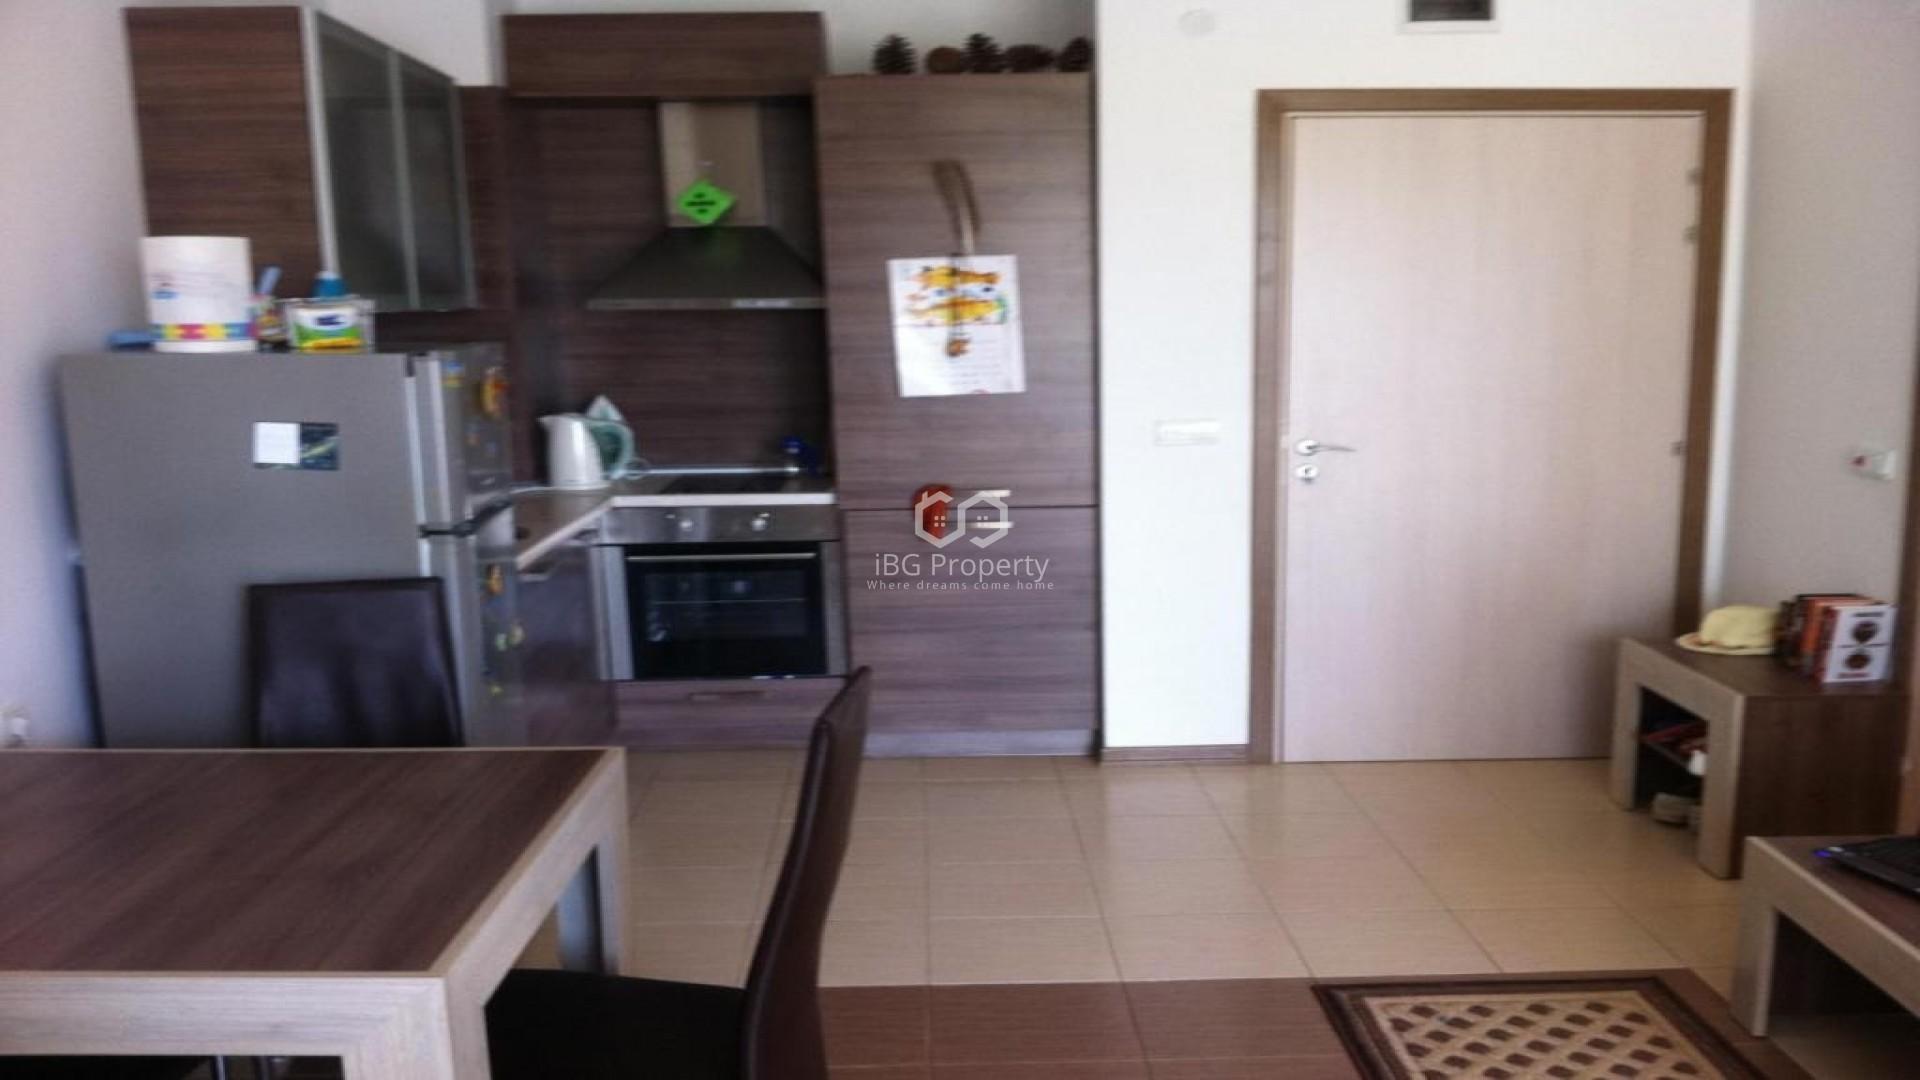 Однокомнатная квартира Черноморец  47 m2